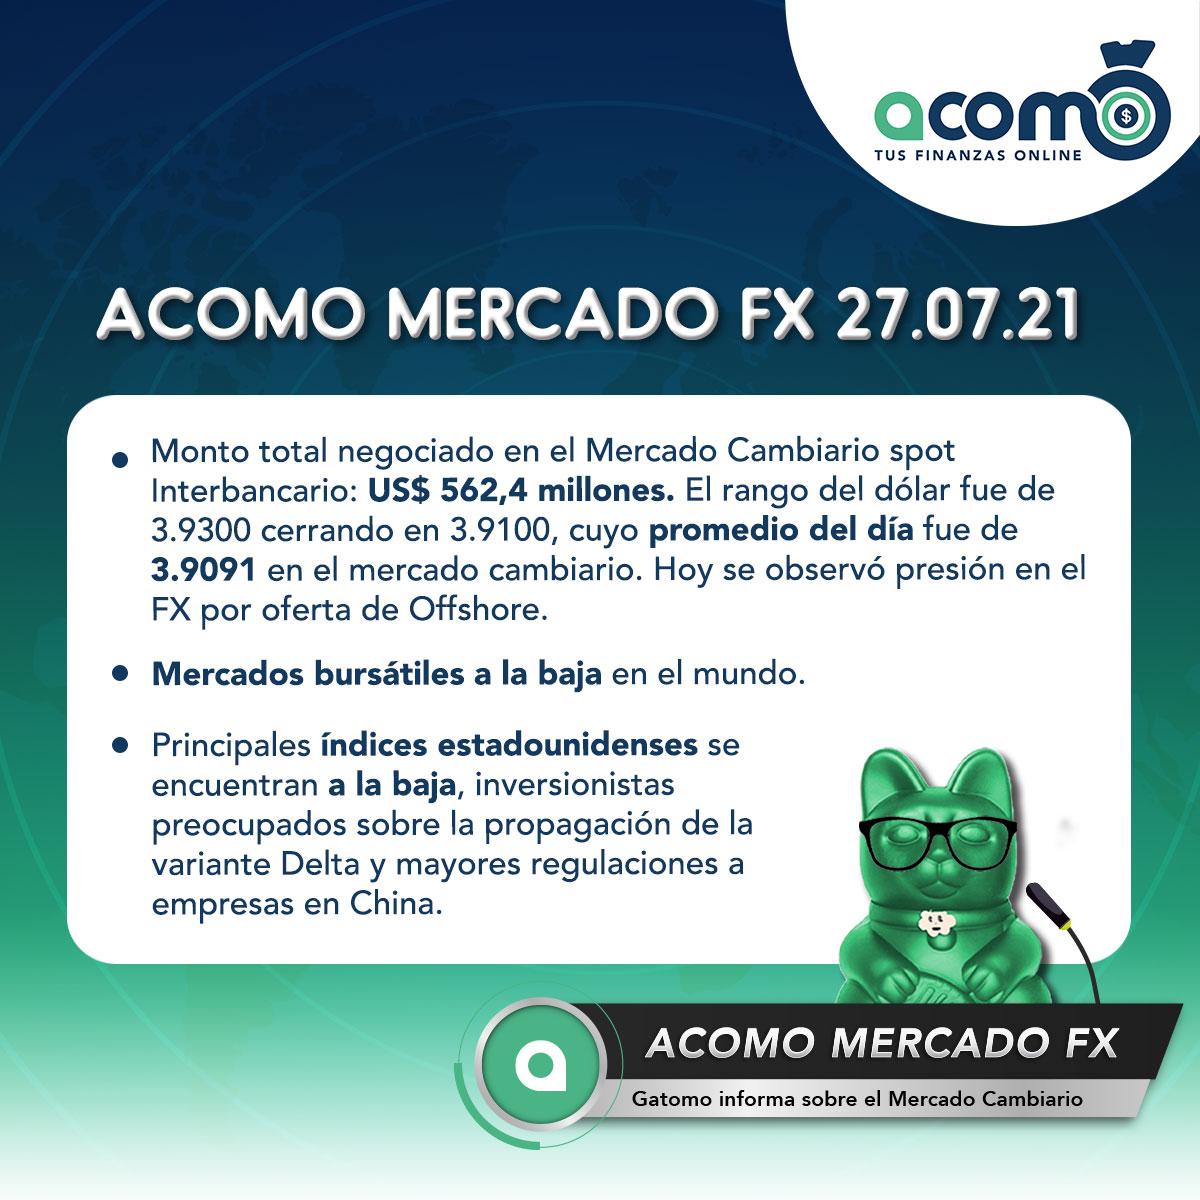 ACOMO- Mercado Forex del 27.07.21